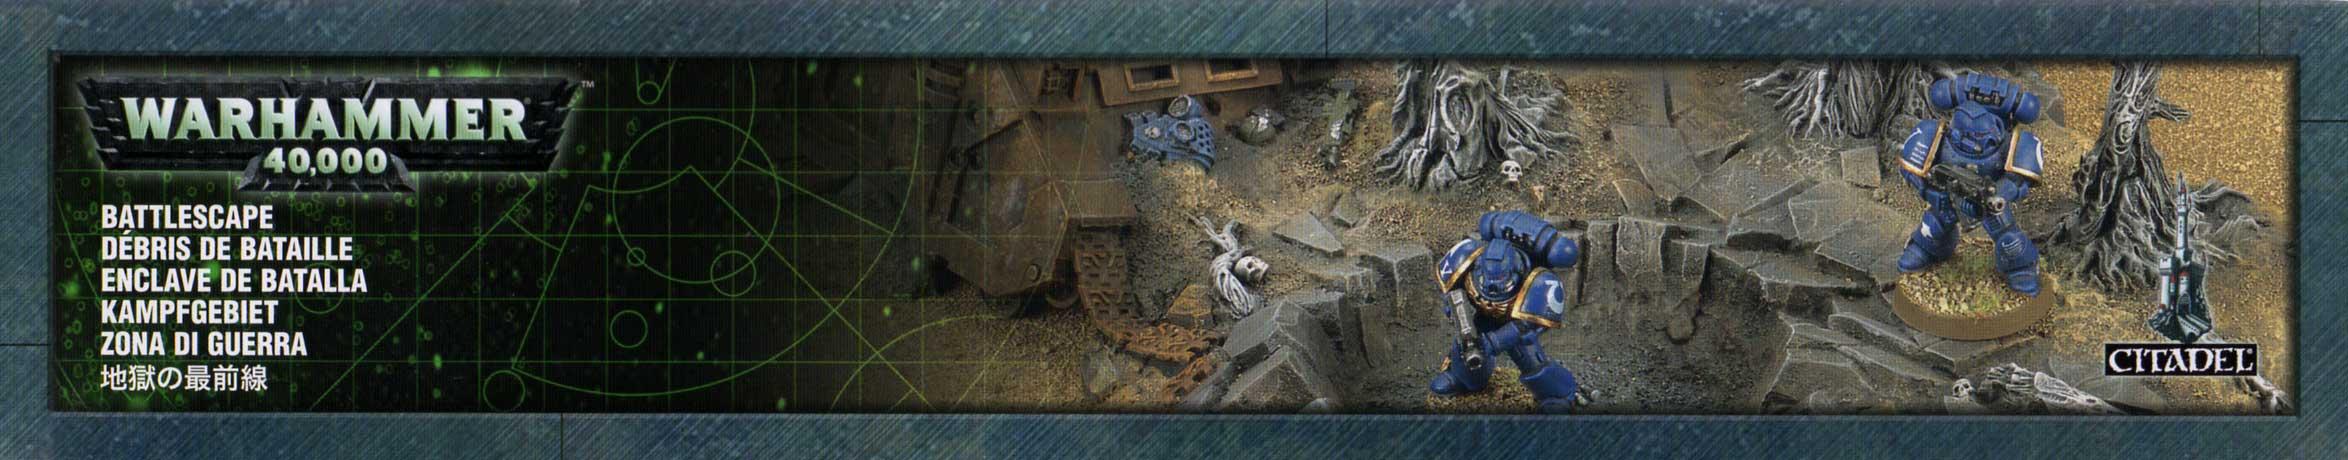 Packaging droite de l'épave de Rhino et débris de batailles (décor Warhammer 40.000)